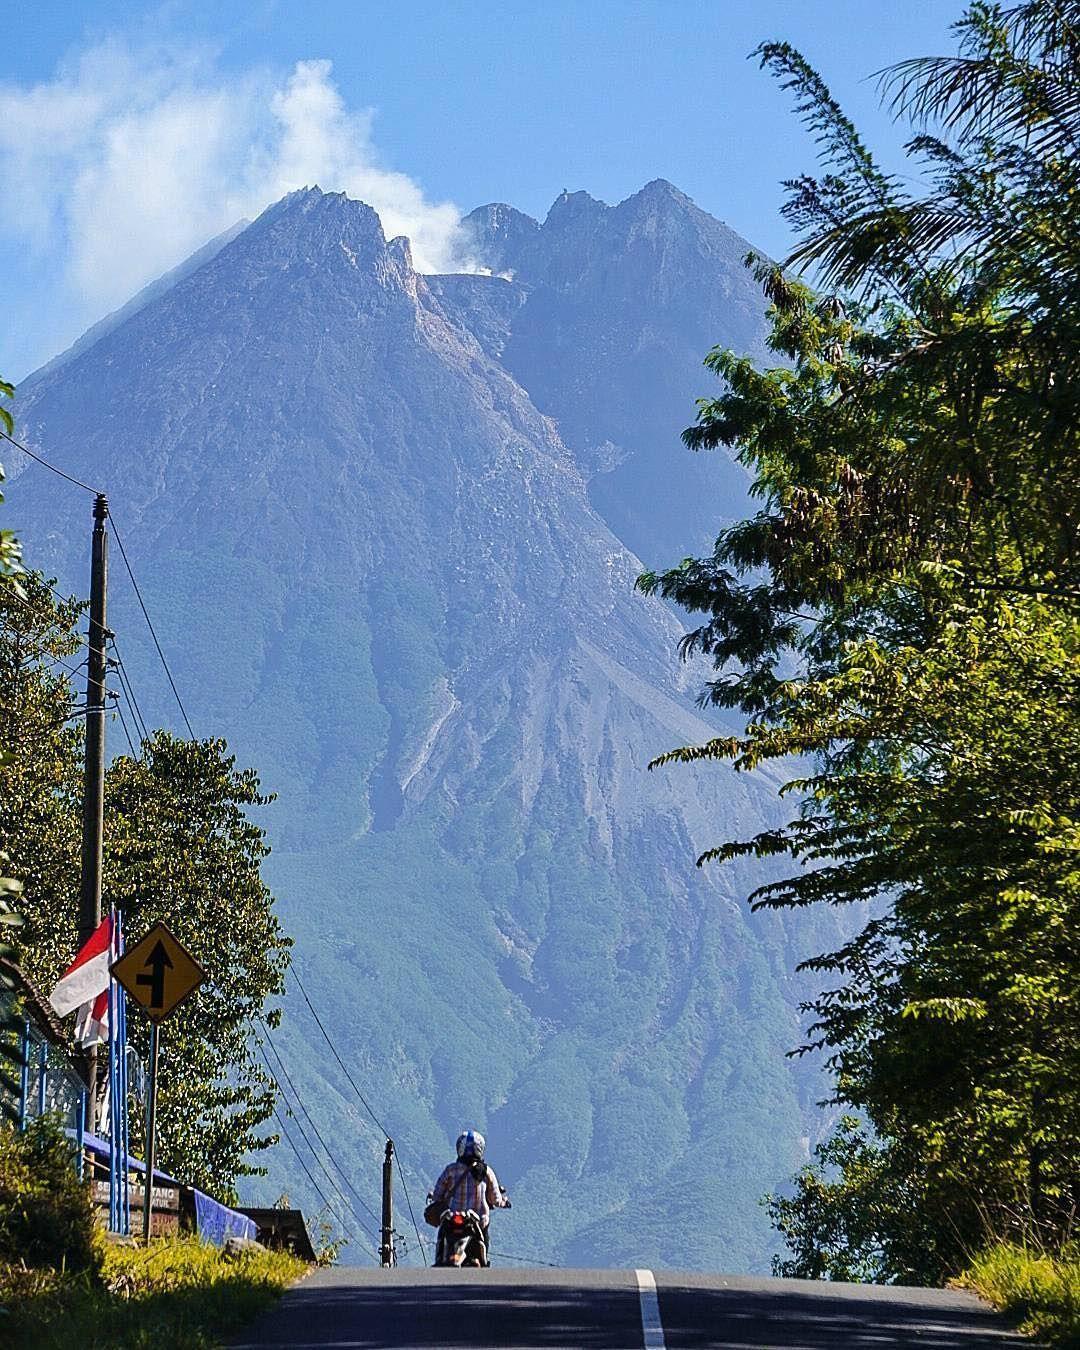 30 Foto Pemandangan Pagar Alam Menikmati Suasana Pegunungan Di Kebun Teh Kaki Gunung Dempo Download Explore Pagar Alam Gunung Demp Di 2020 Pemandangan Alam Kebun